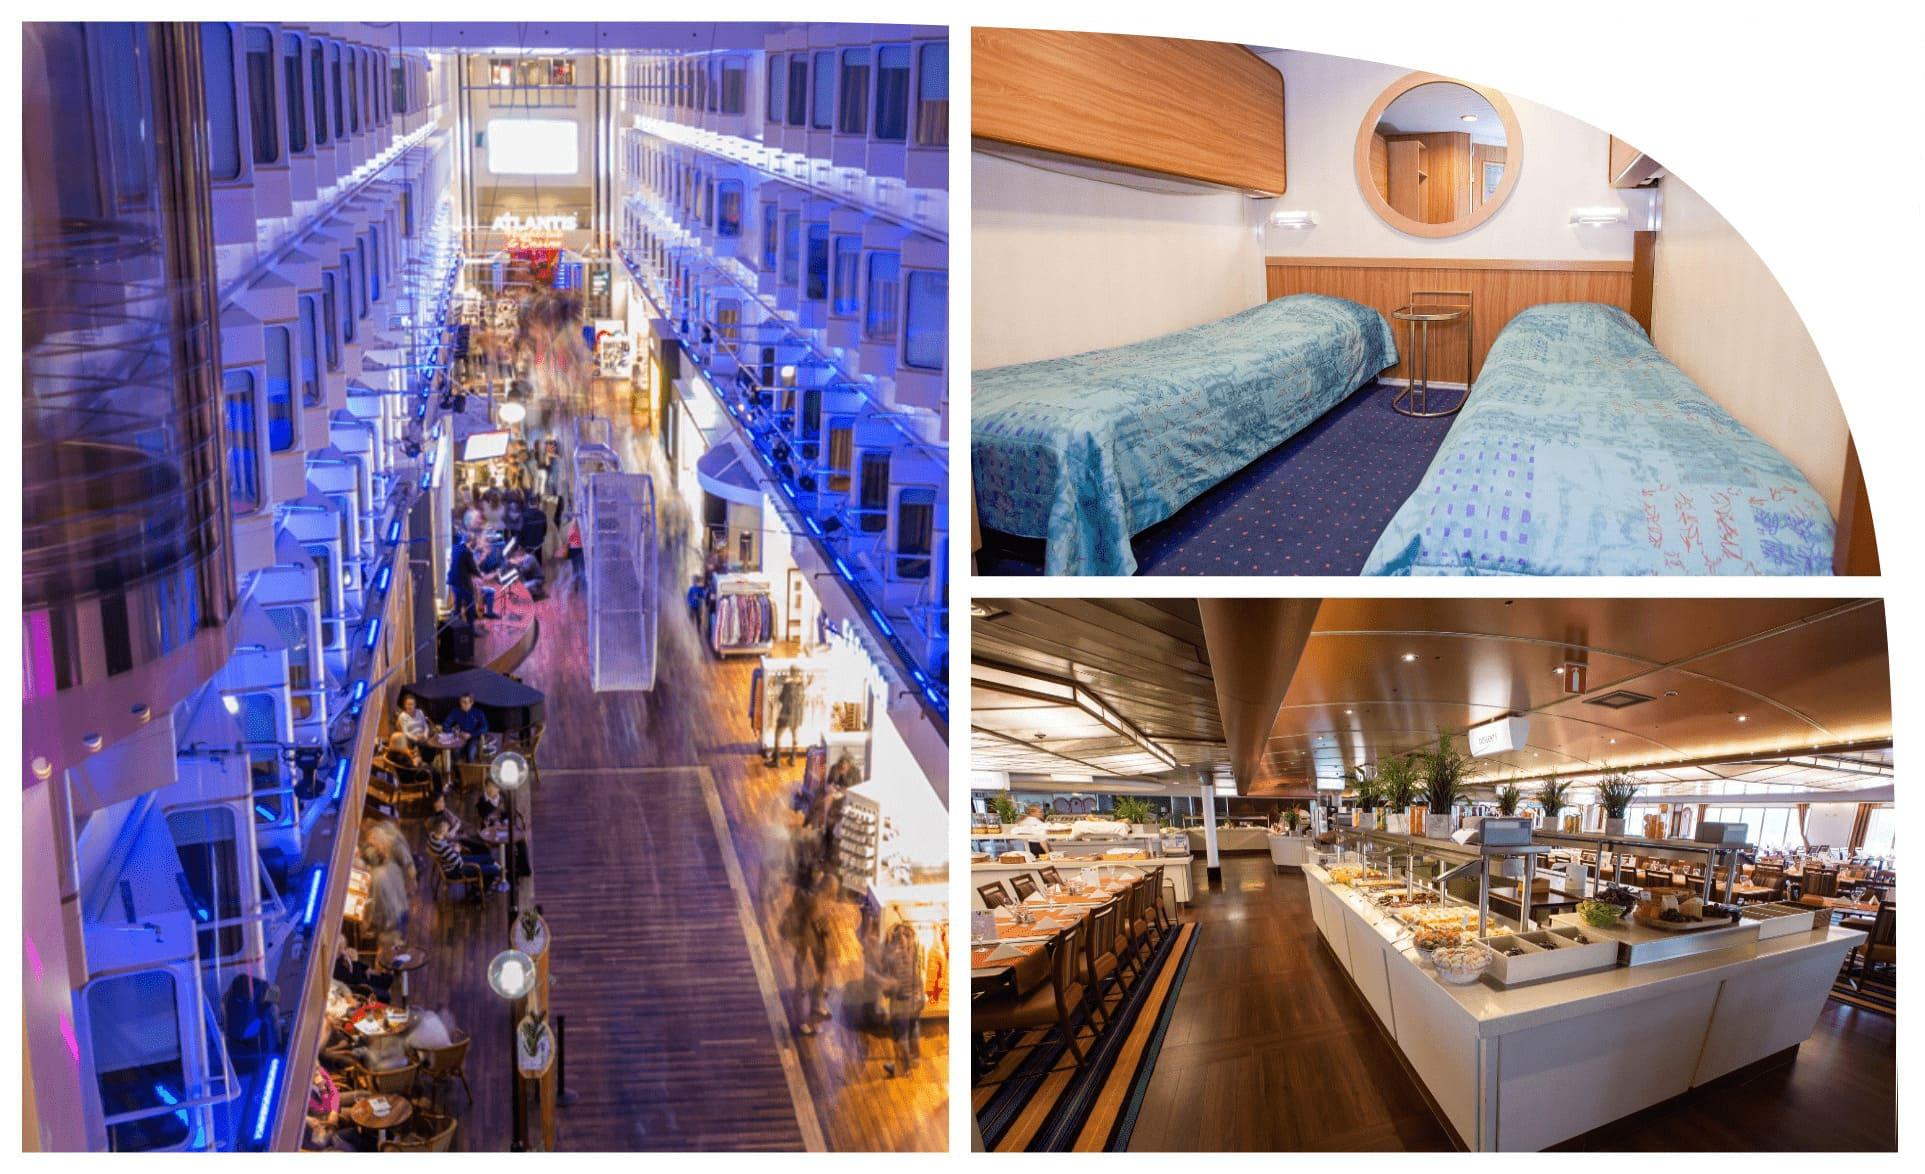 Silja Line паром для участников международного конкурса из Хельсинки в Стокгольм май 2020 (1)